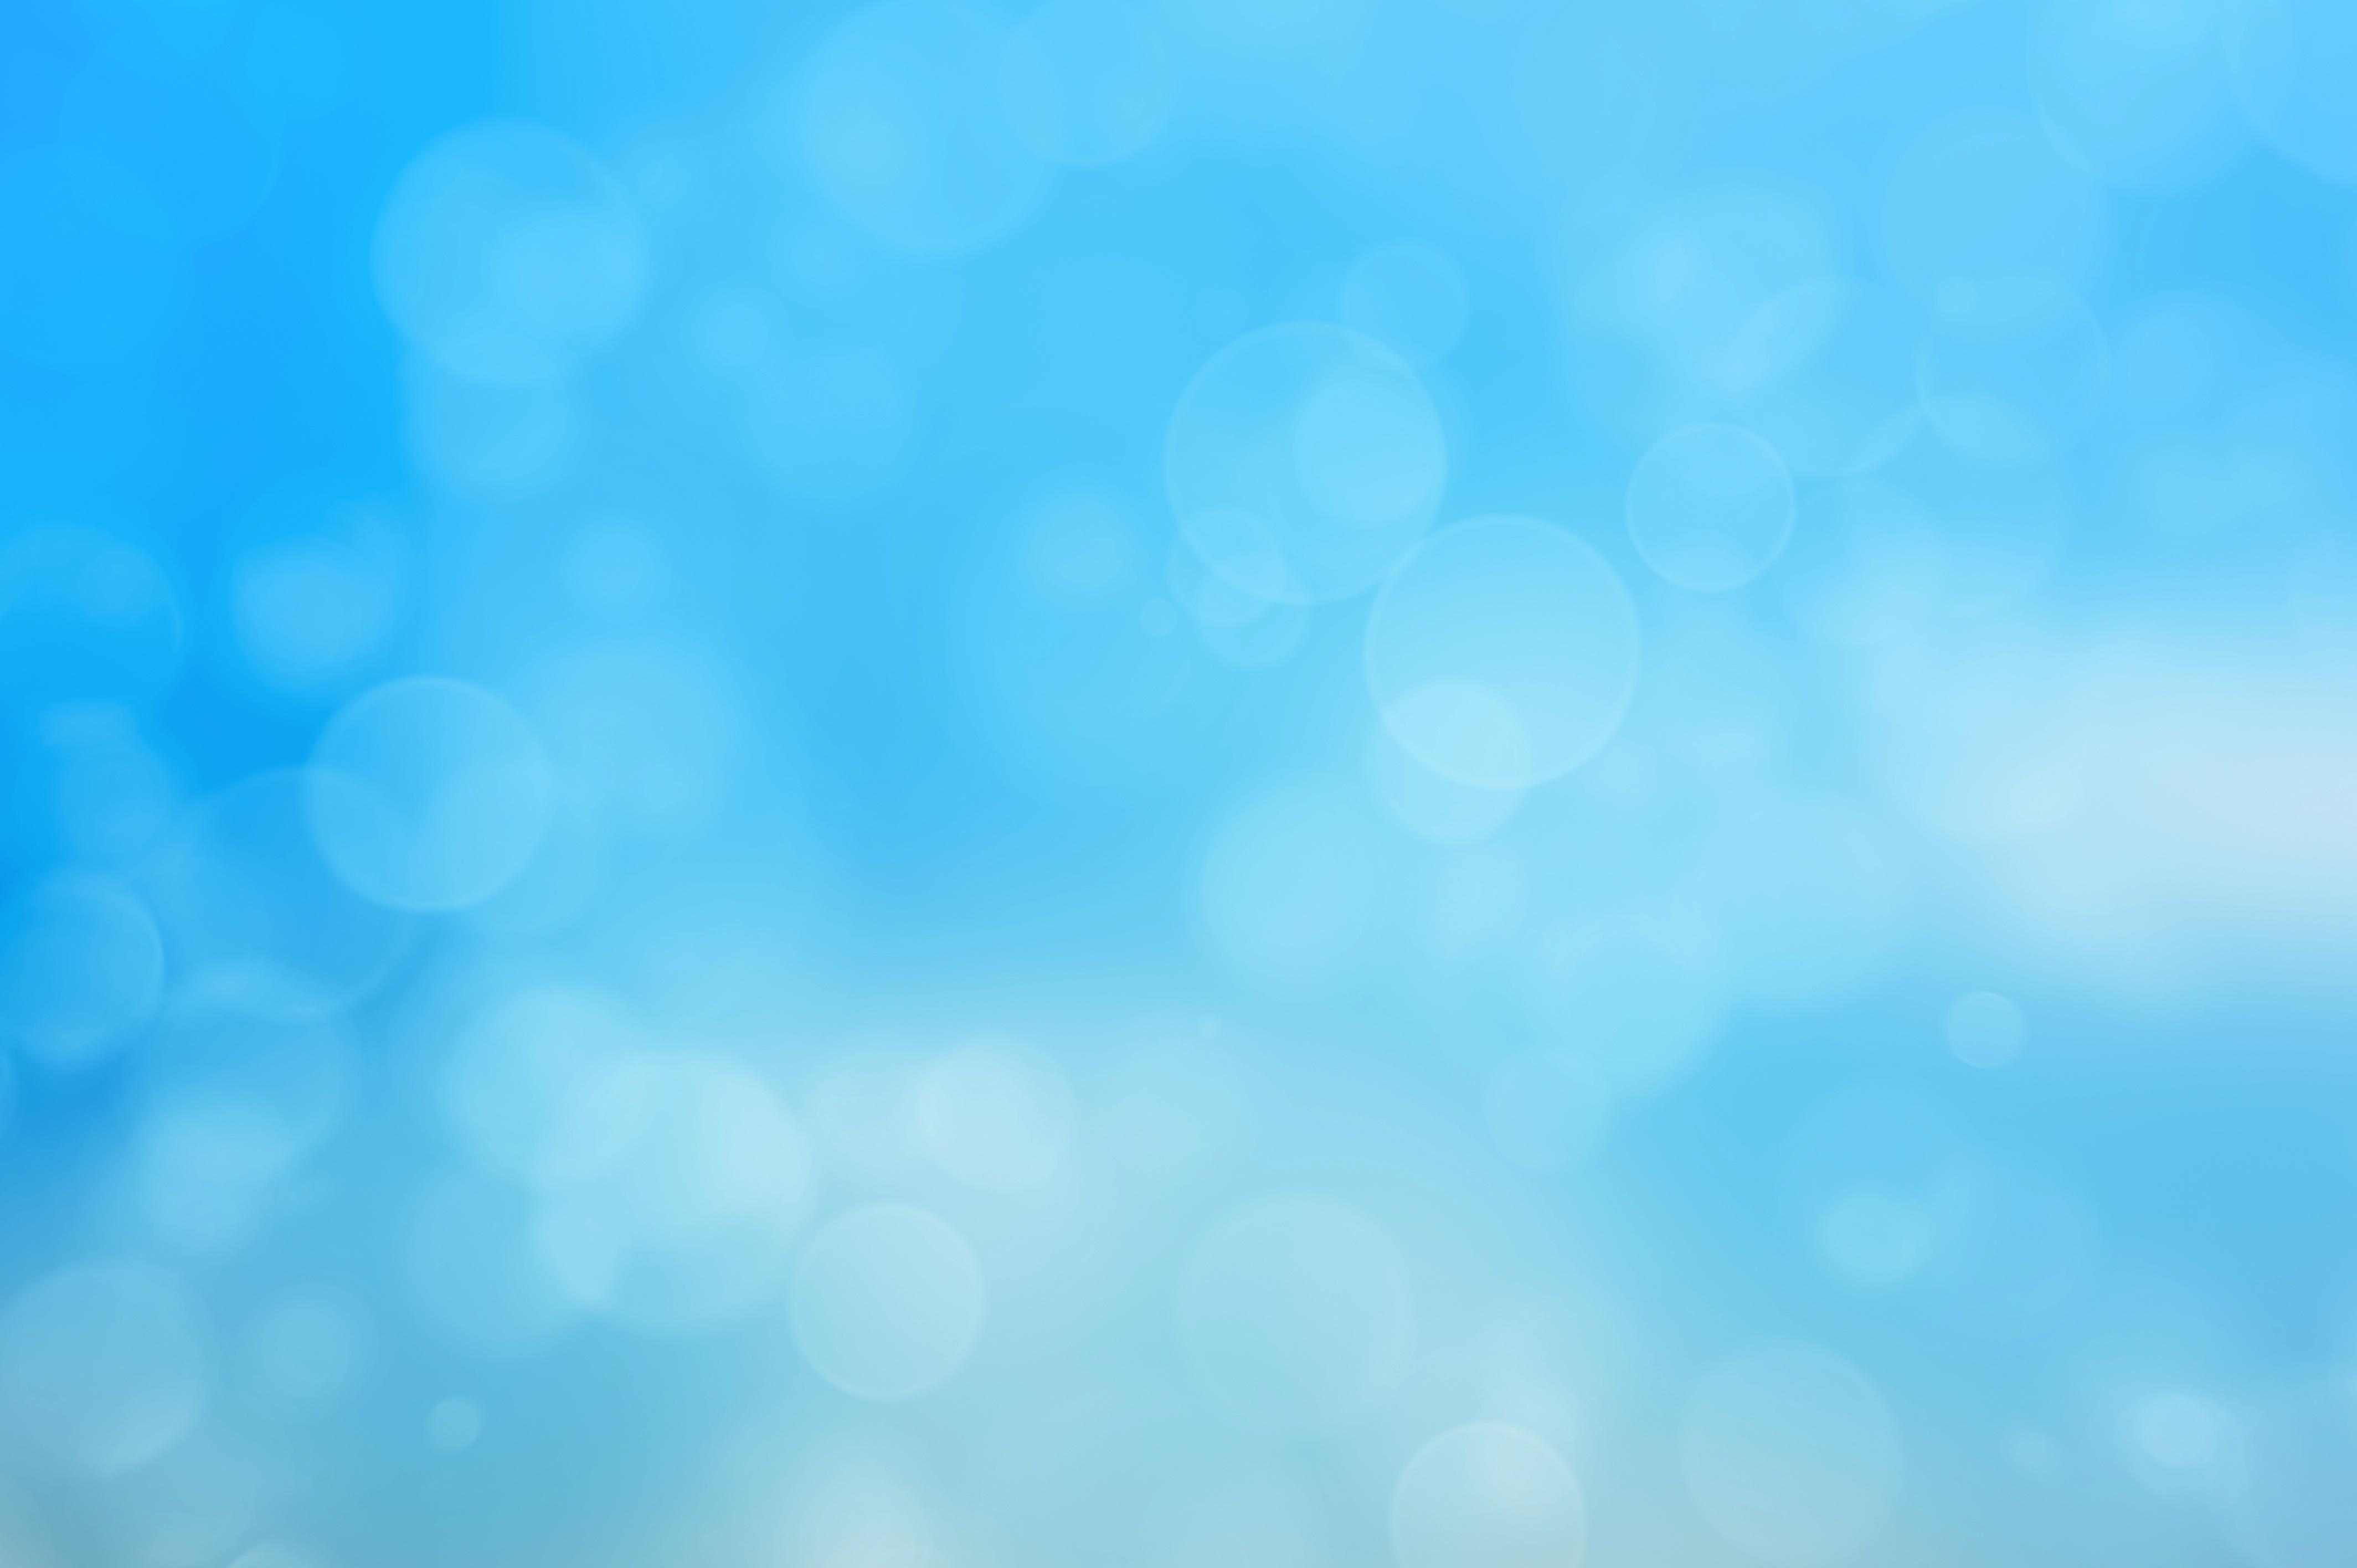 Blur Background Clipart